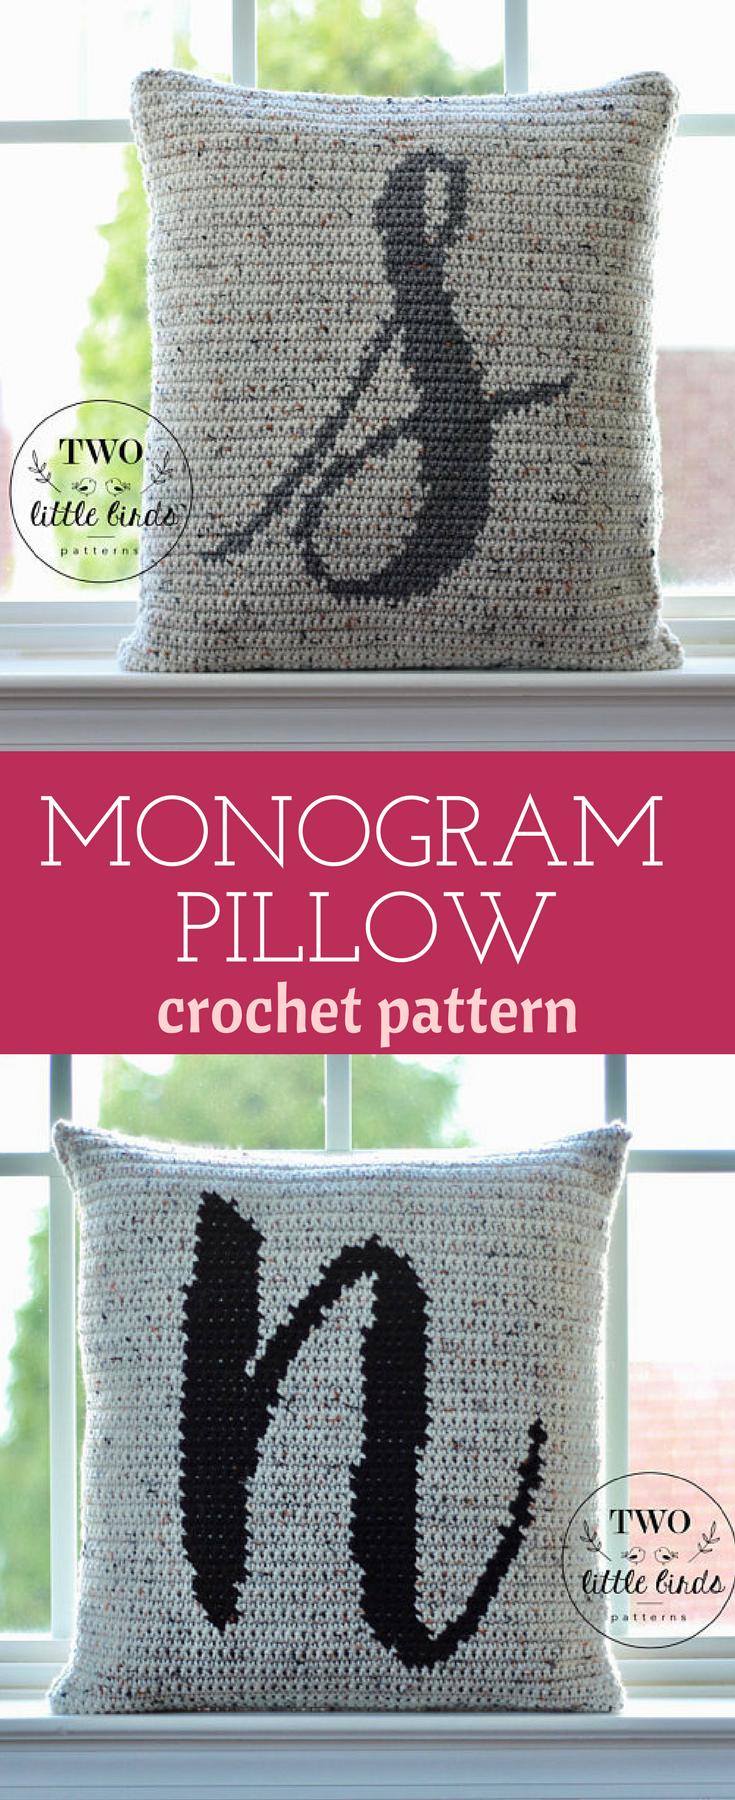 Crochet home decor crochet pattern monogram pillow crochet pillow ...